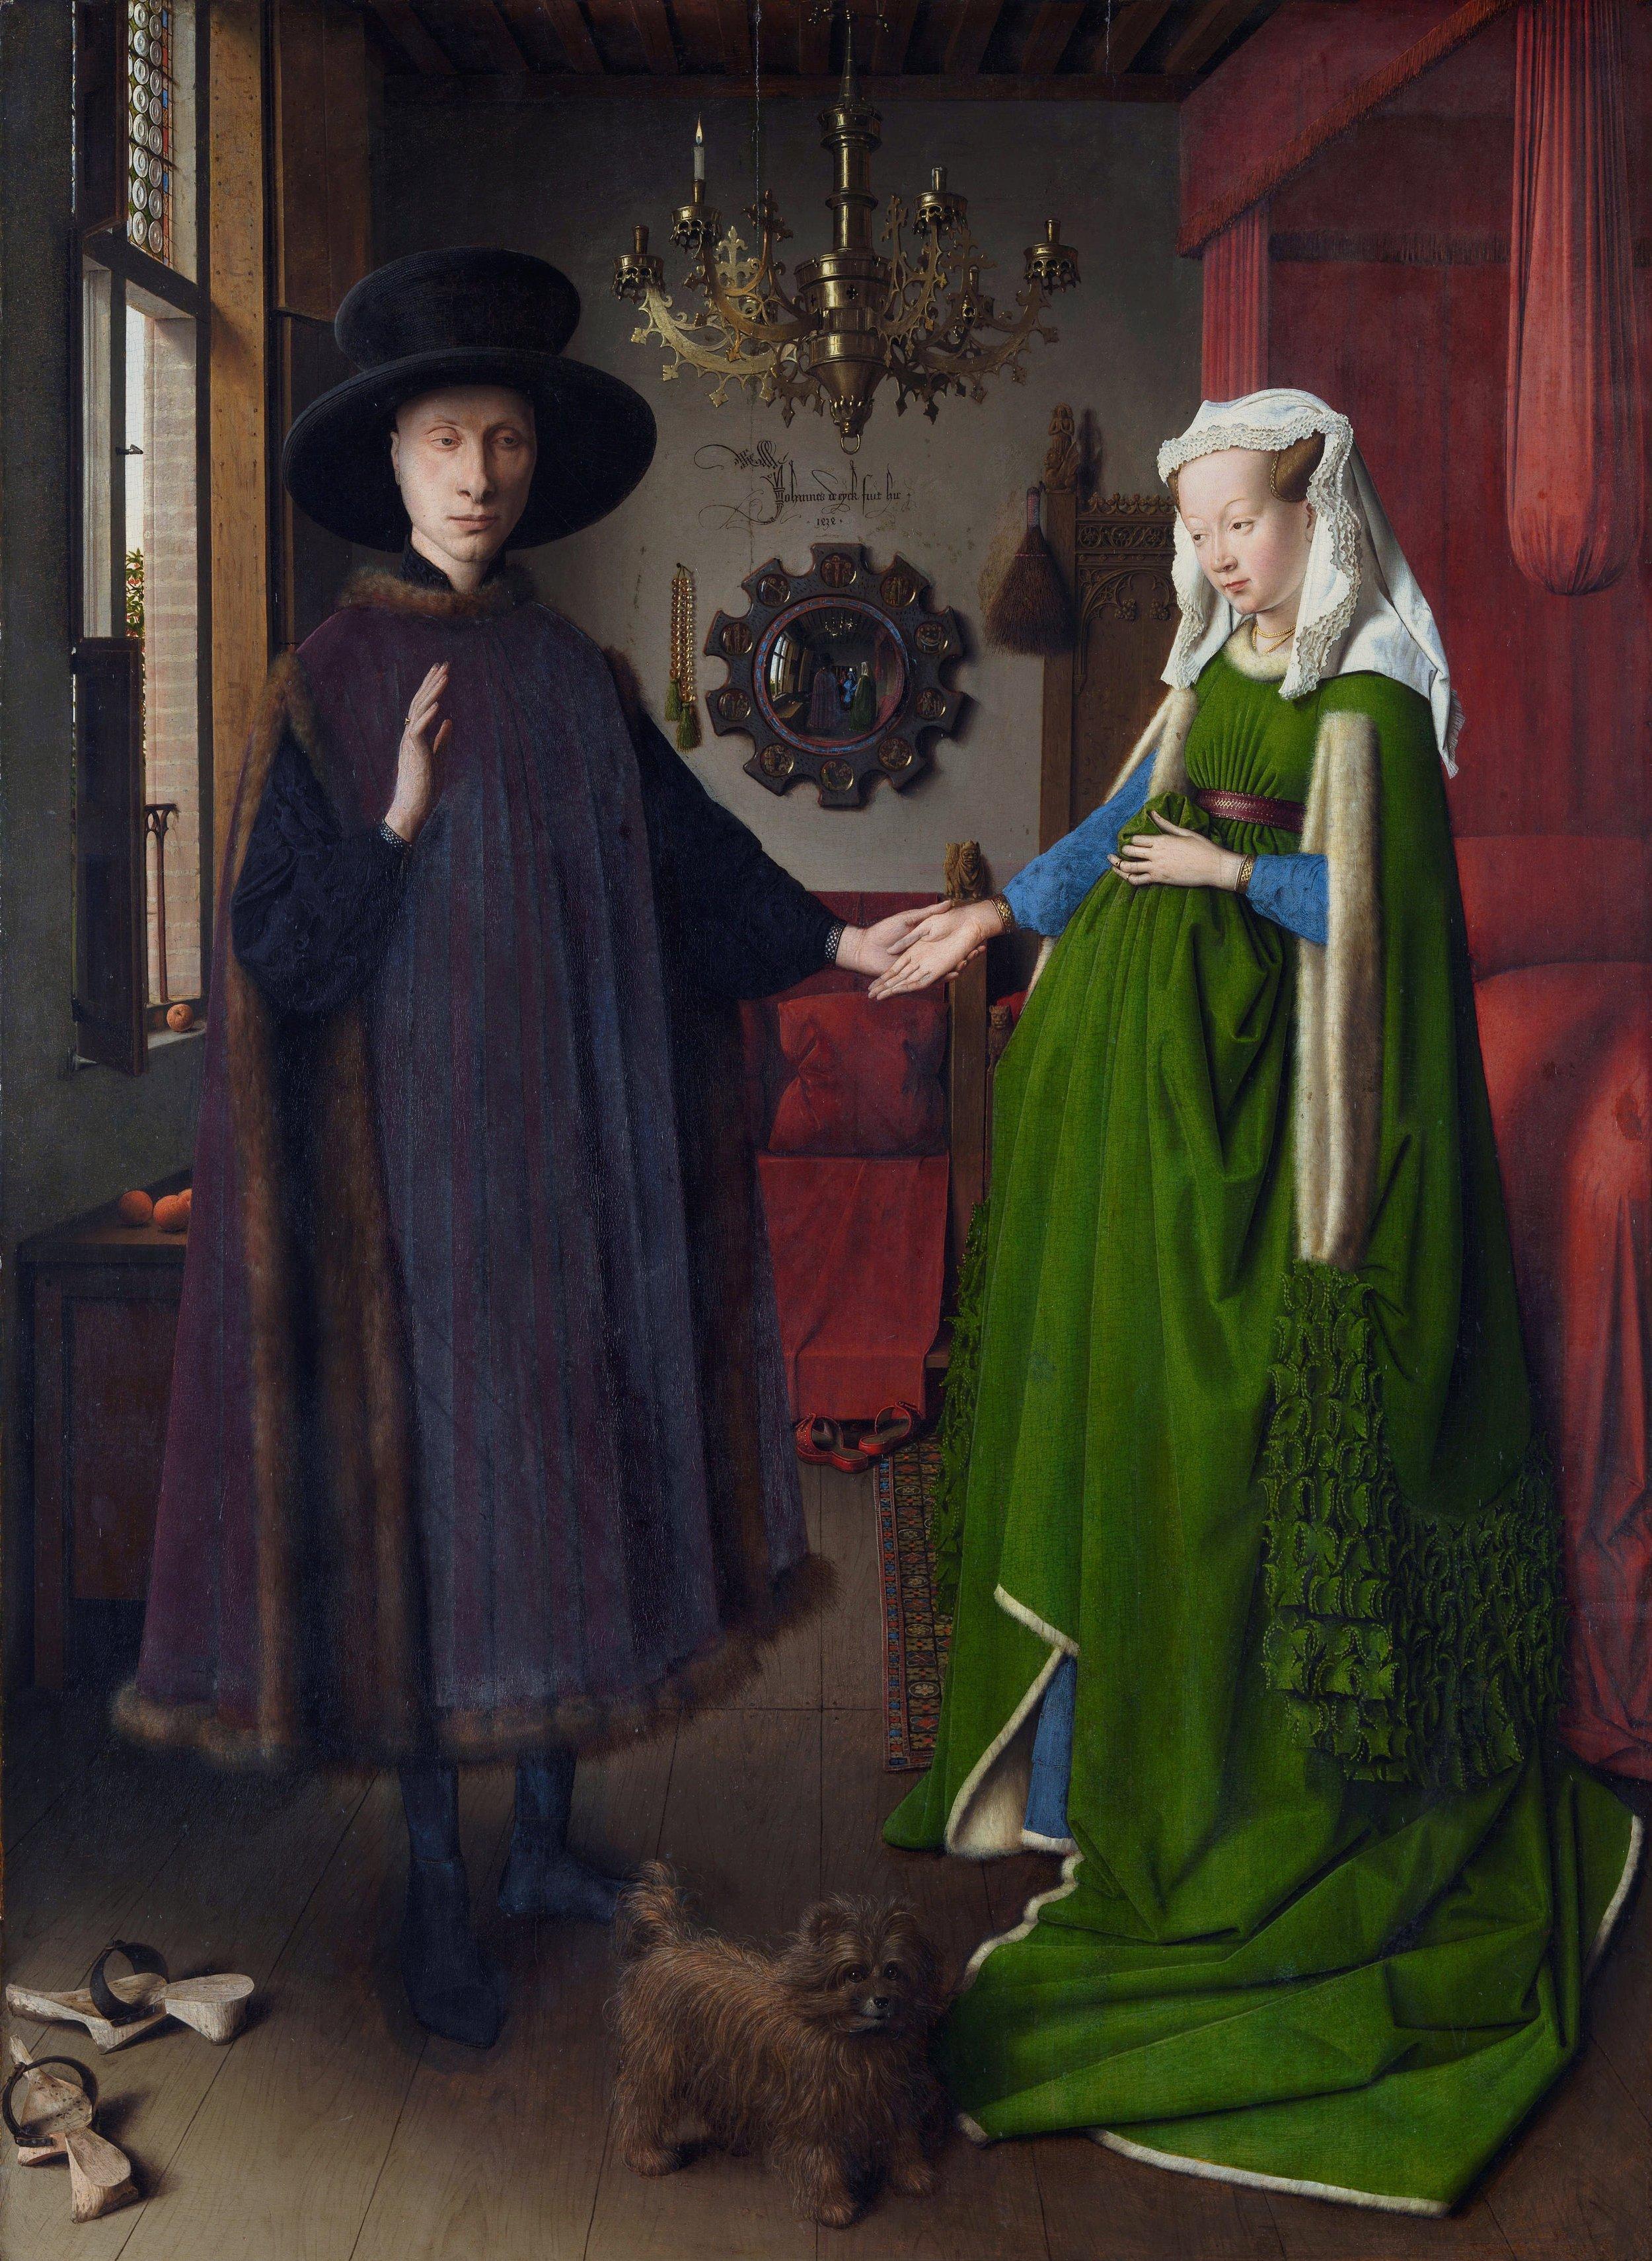 Van_Eyck_-_Arnolfini_Portrait.jpg